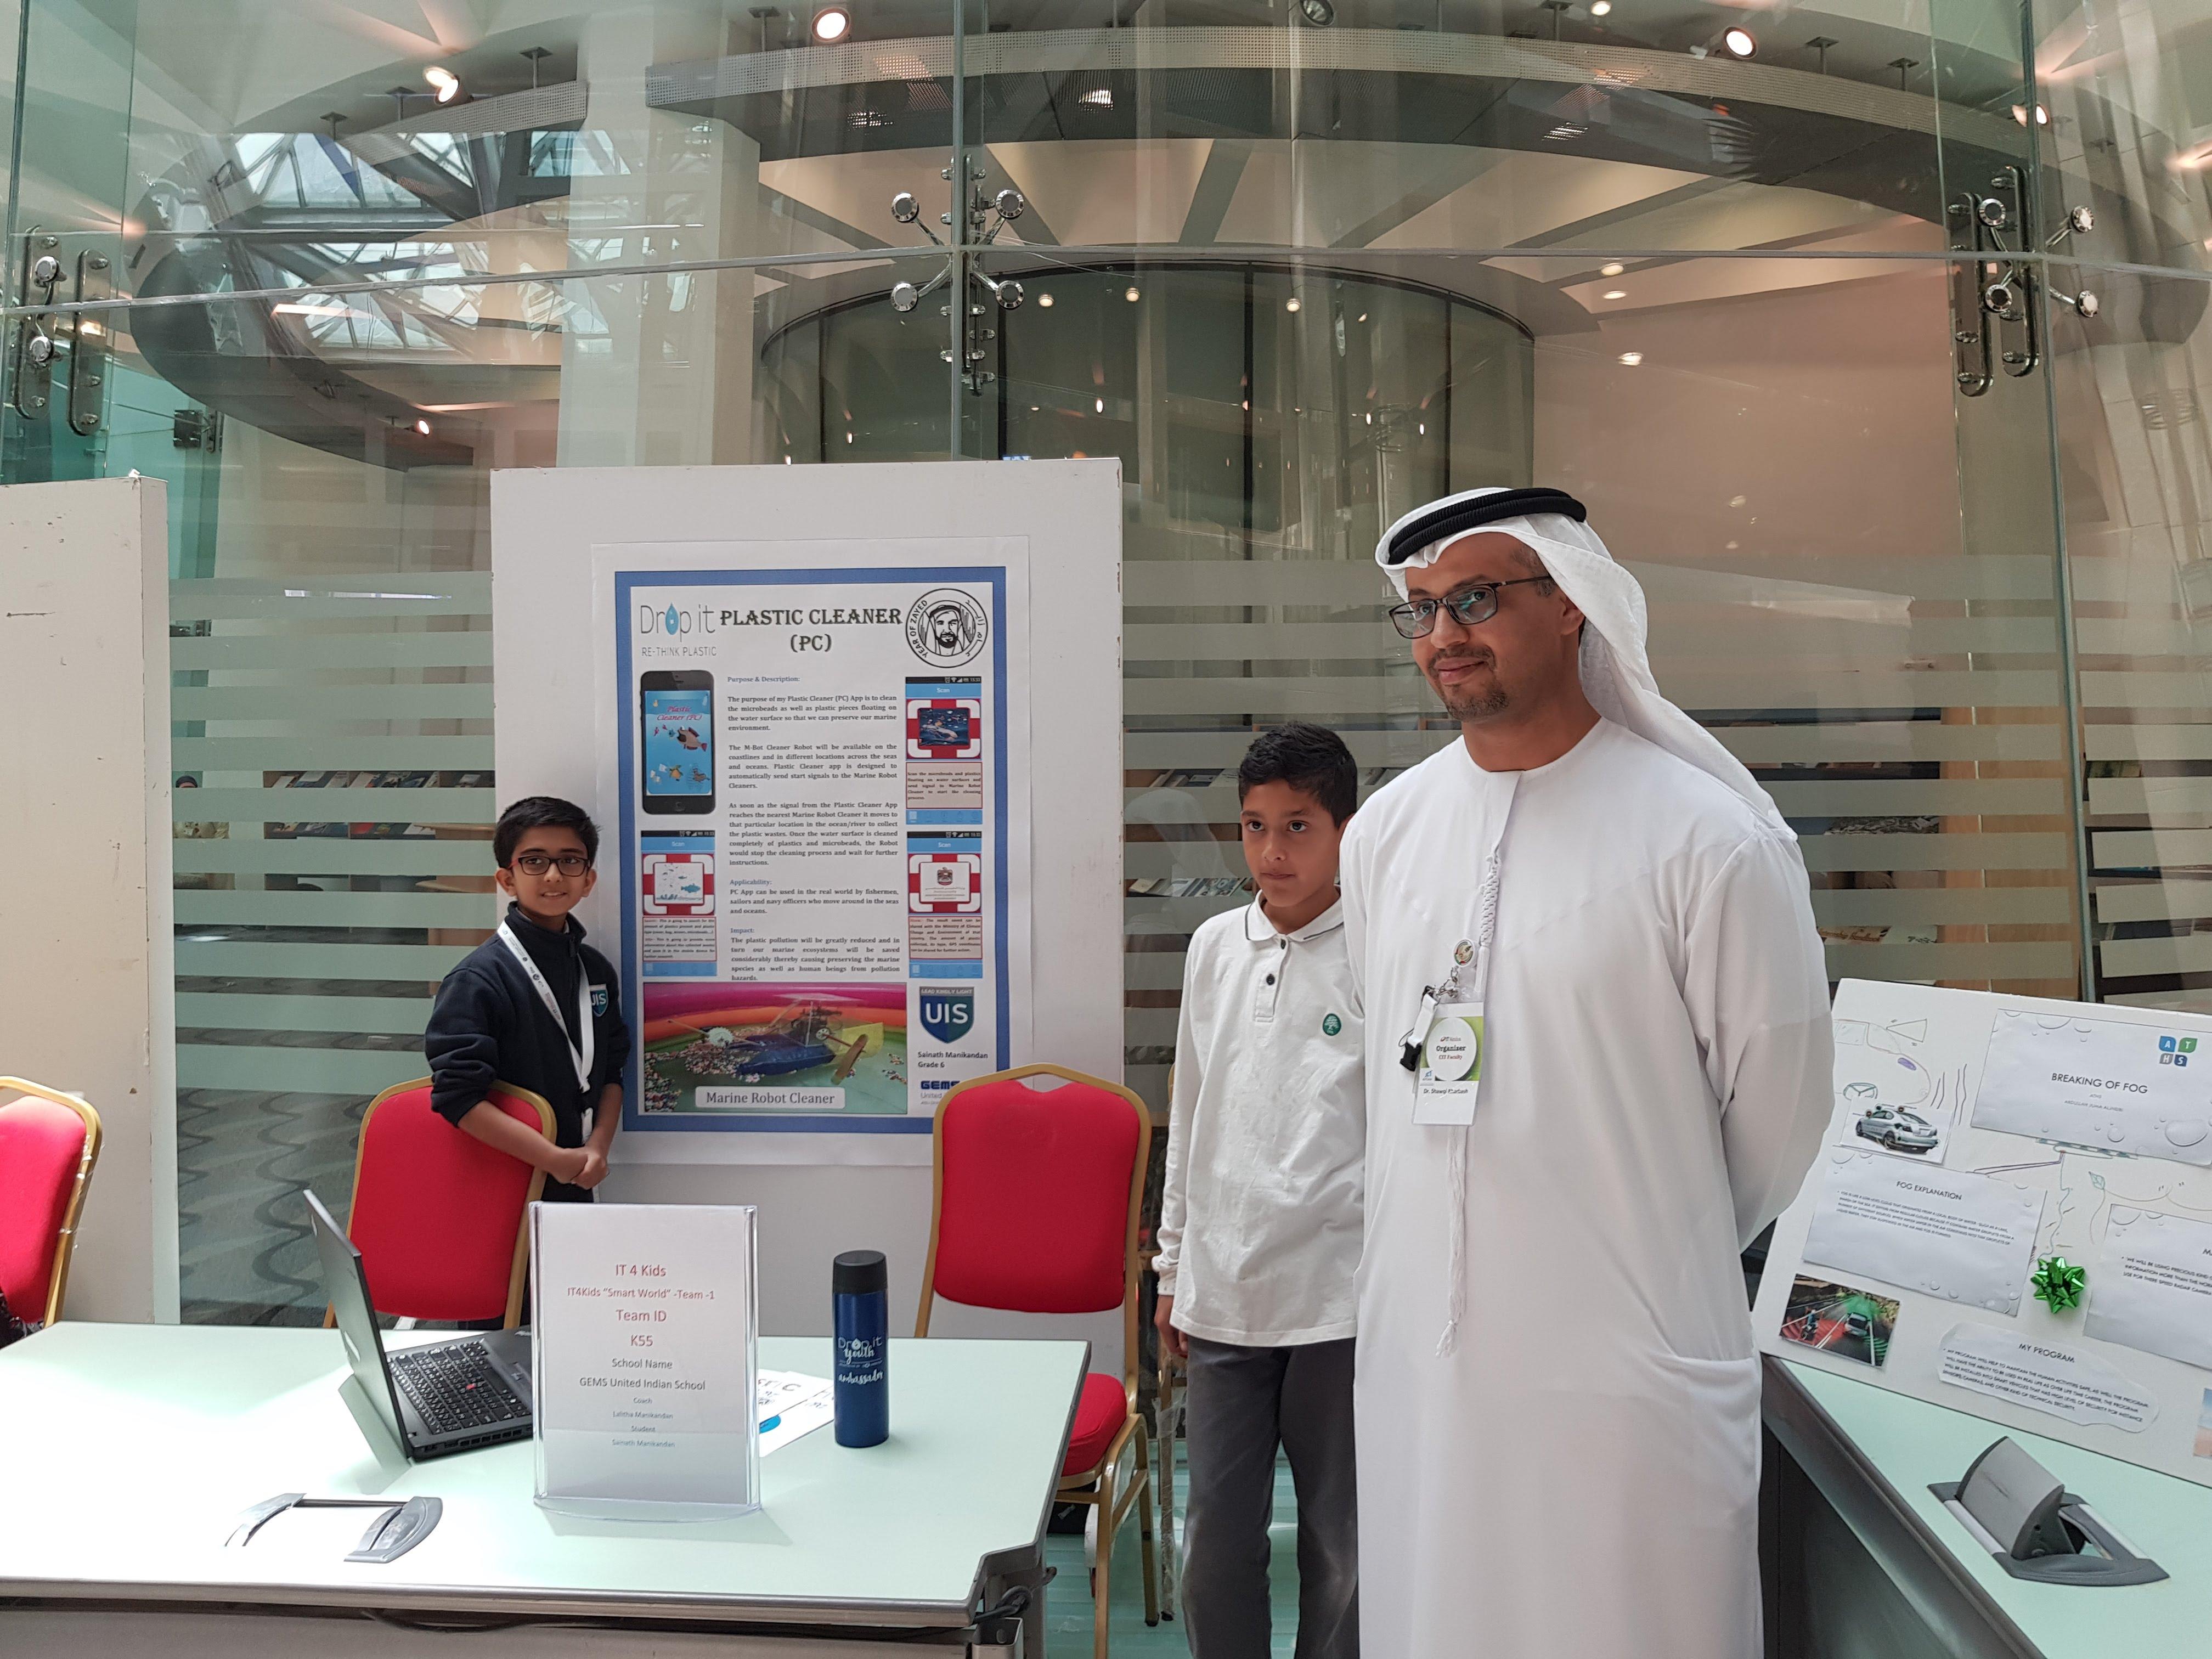 /srv/www/vhosts/user3101/html/entrepreneurship-campus.org/wp-content/uploads/2019/05/UAE-University-Plastic-Cleaner-App-1.jpg